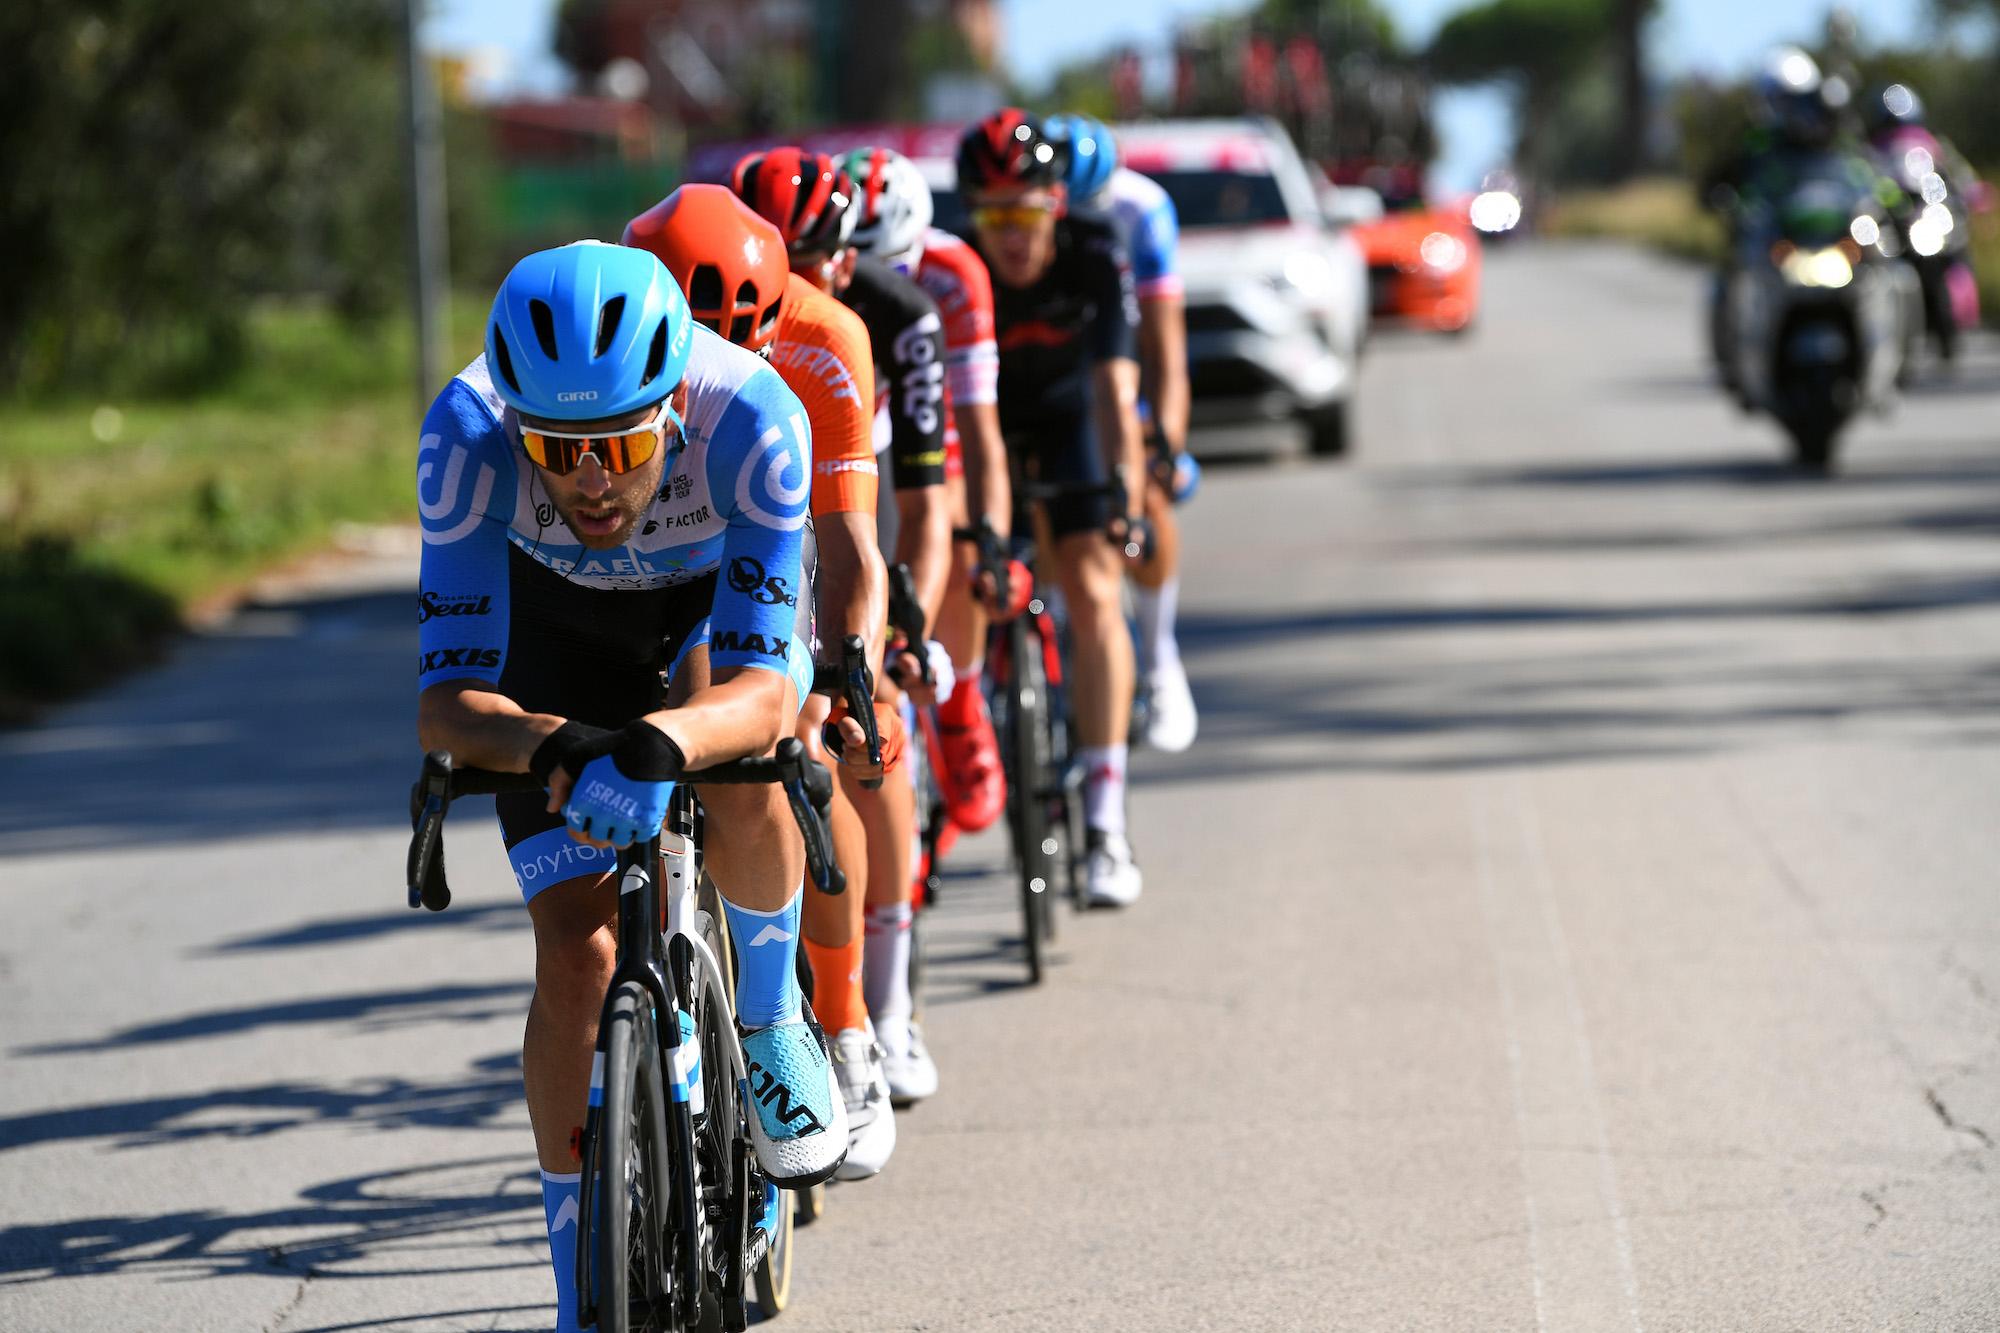 Alex Dowsett percorre 17 km da solo per conquistare la gloria nell'ottava tappa del Giro d'Italia 2020